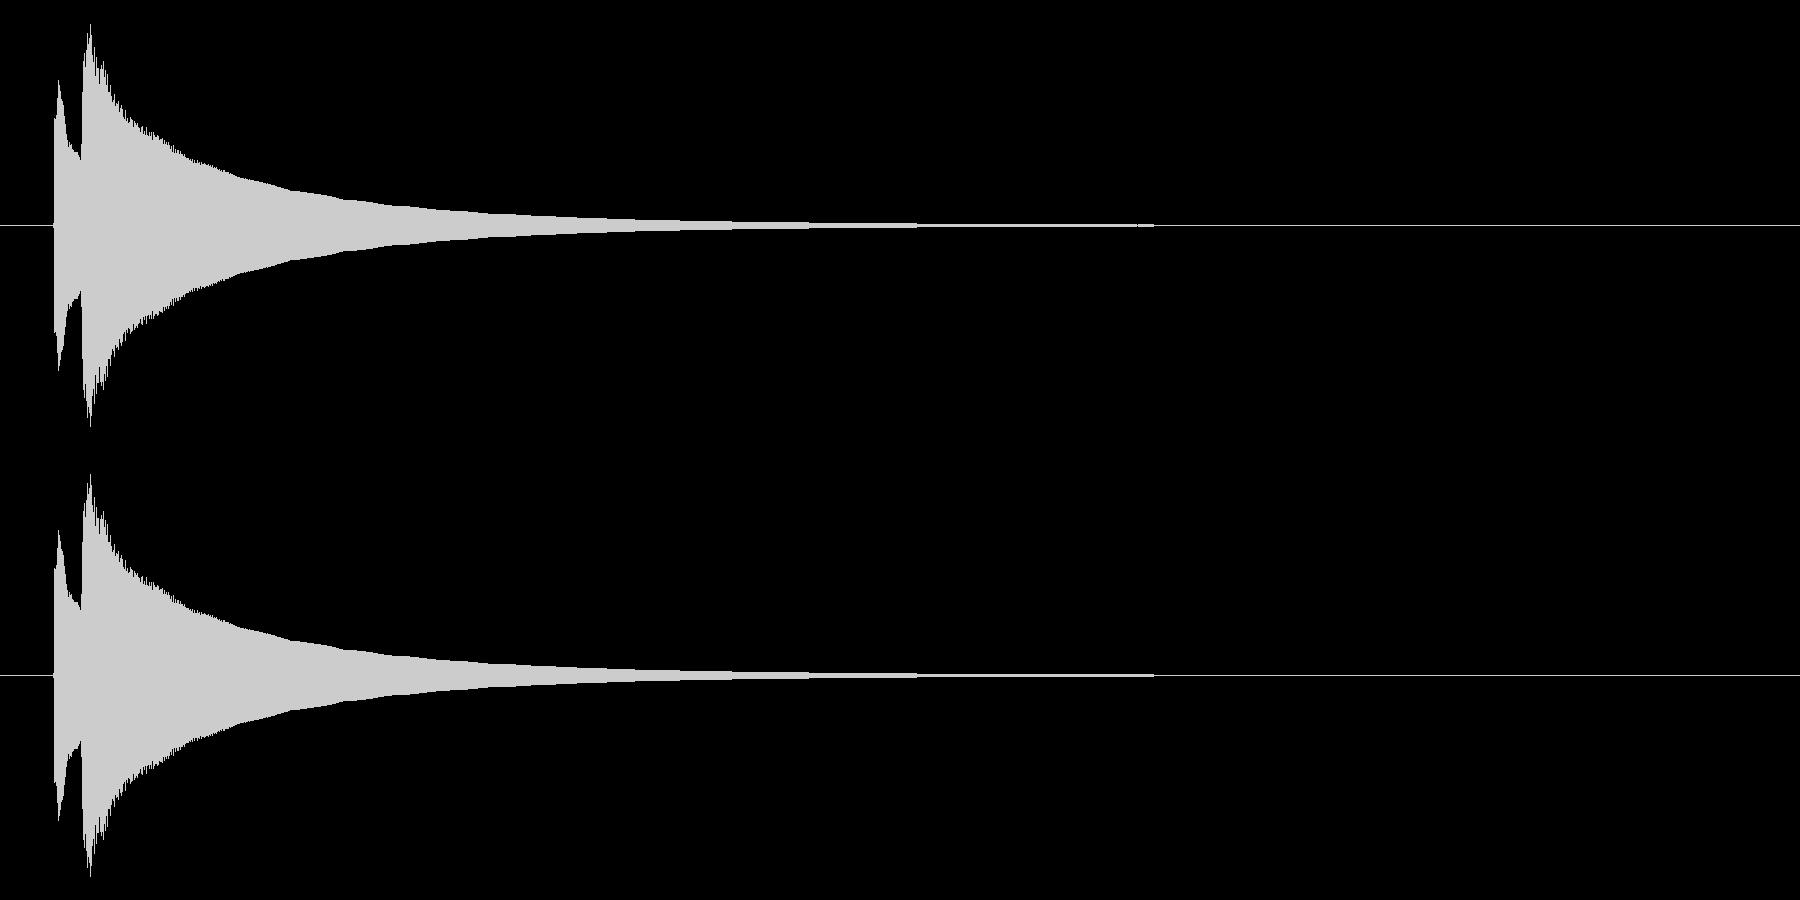 オルゴール01-1(複音)の未再生の波形